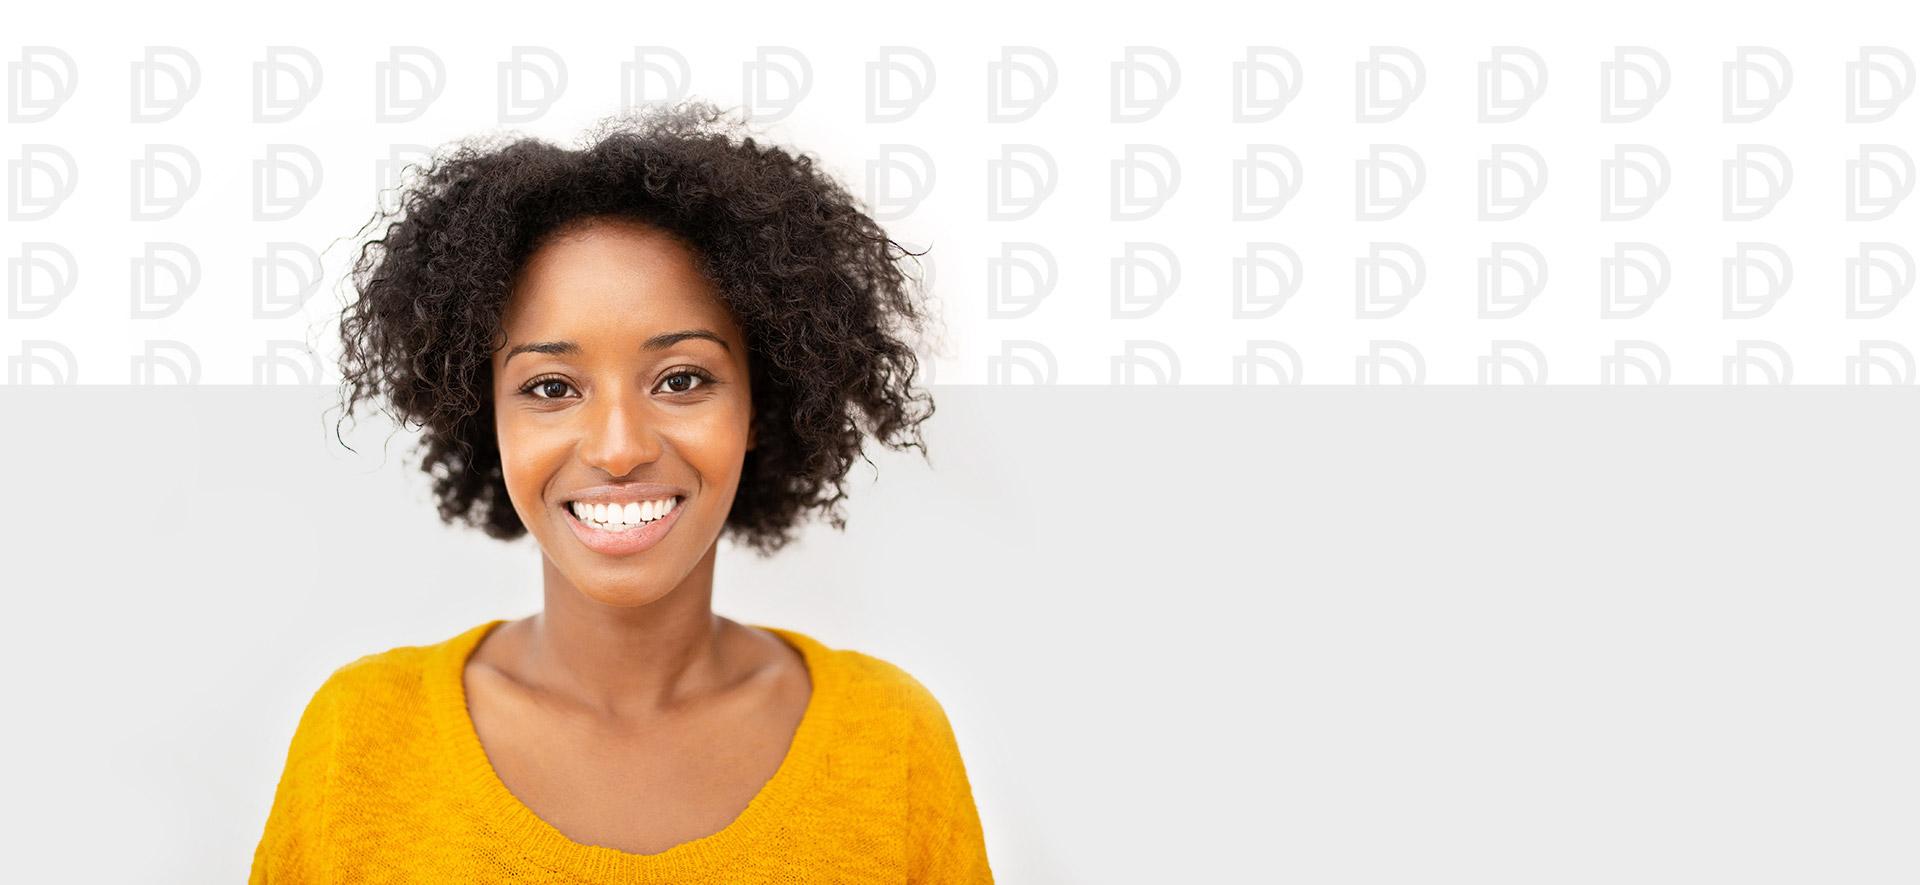 L'orthodontie est une branche importante de la dentisterie